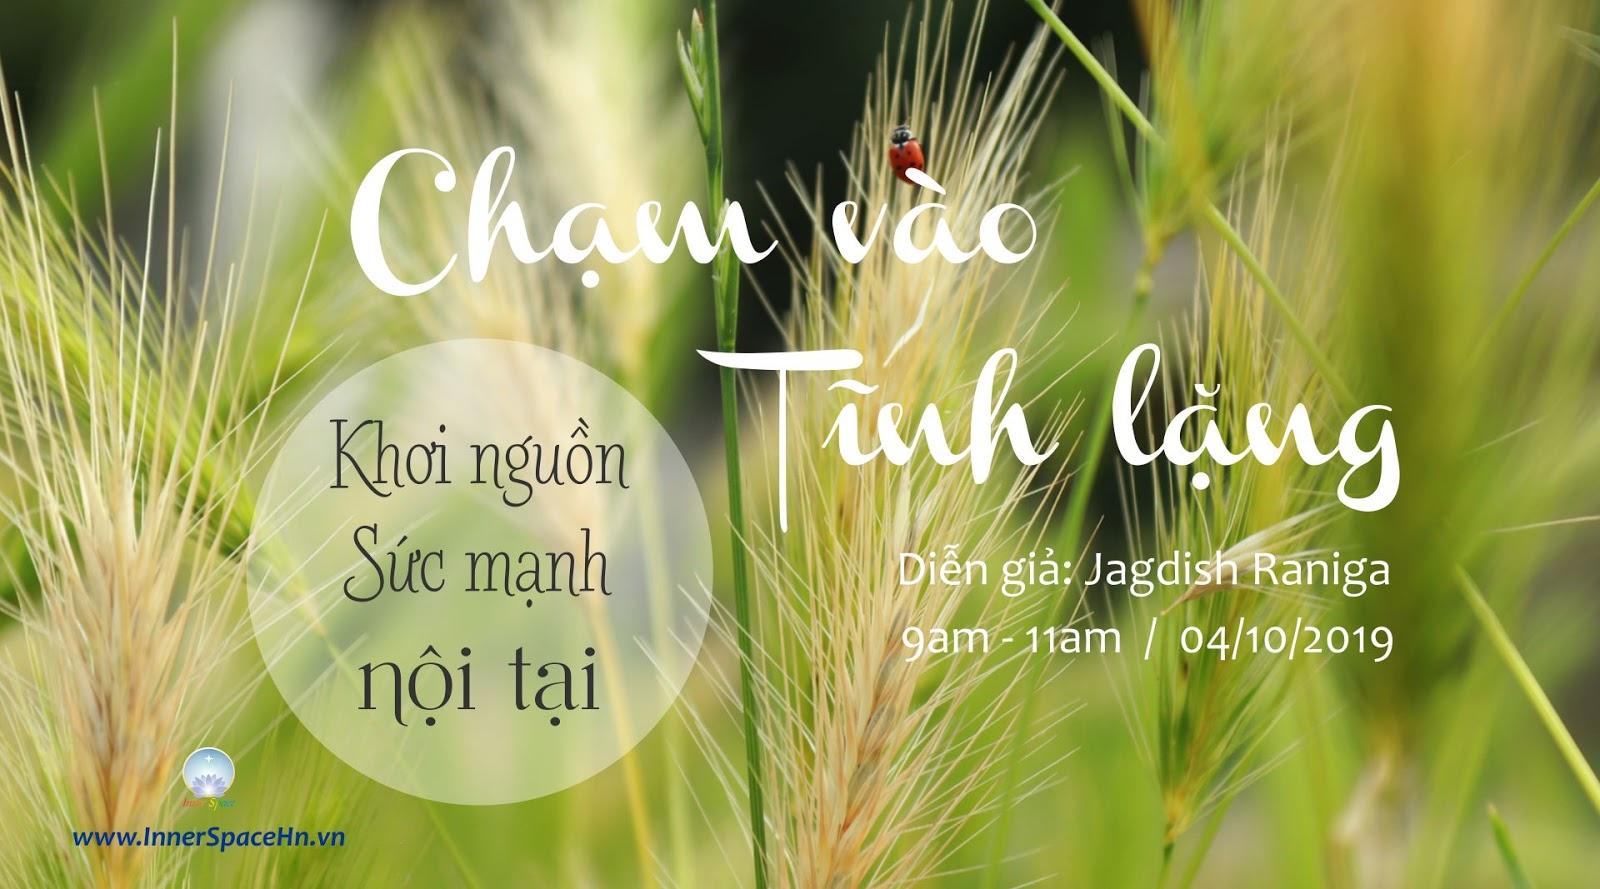 cham-vao-tinh-lang-khoi-nguon-suc-manh-noi-tai